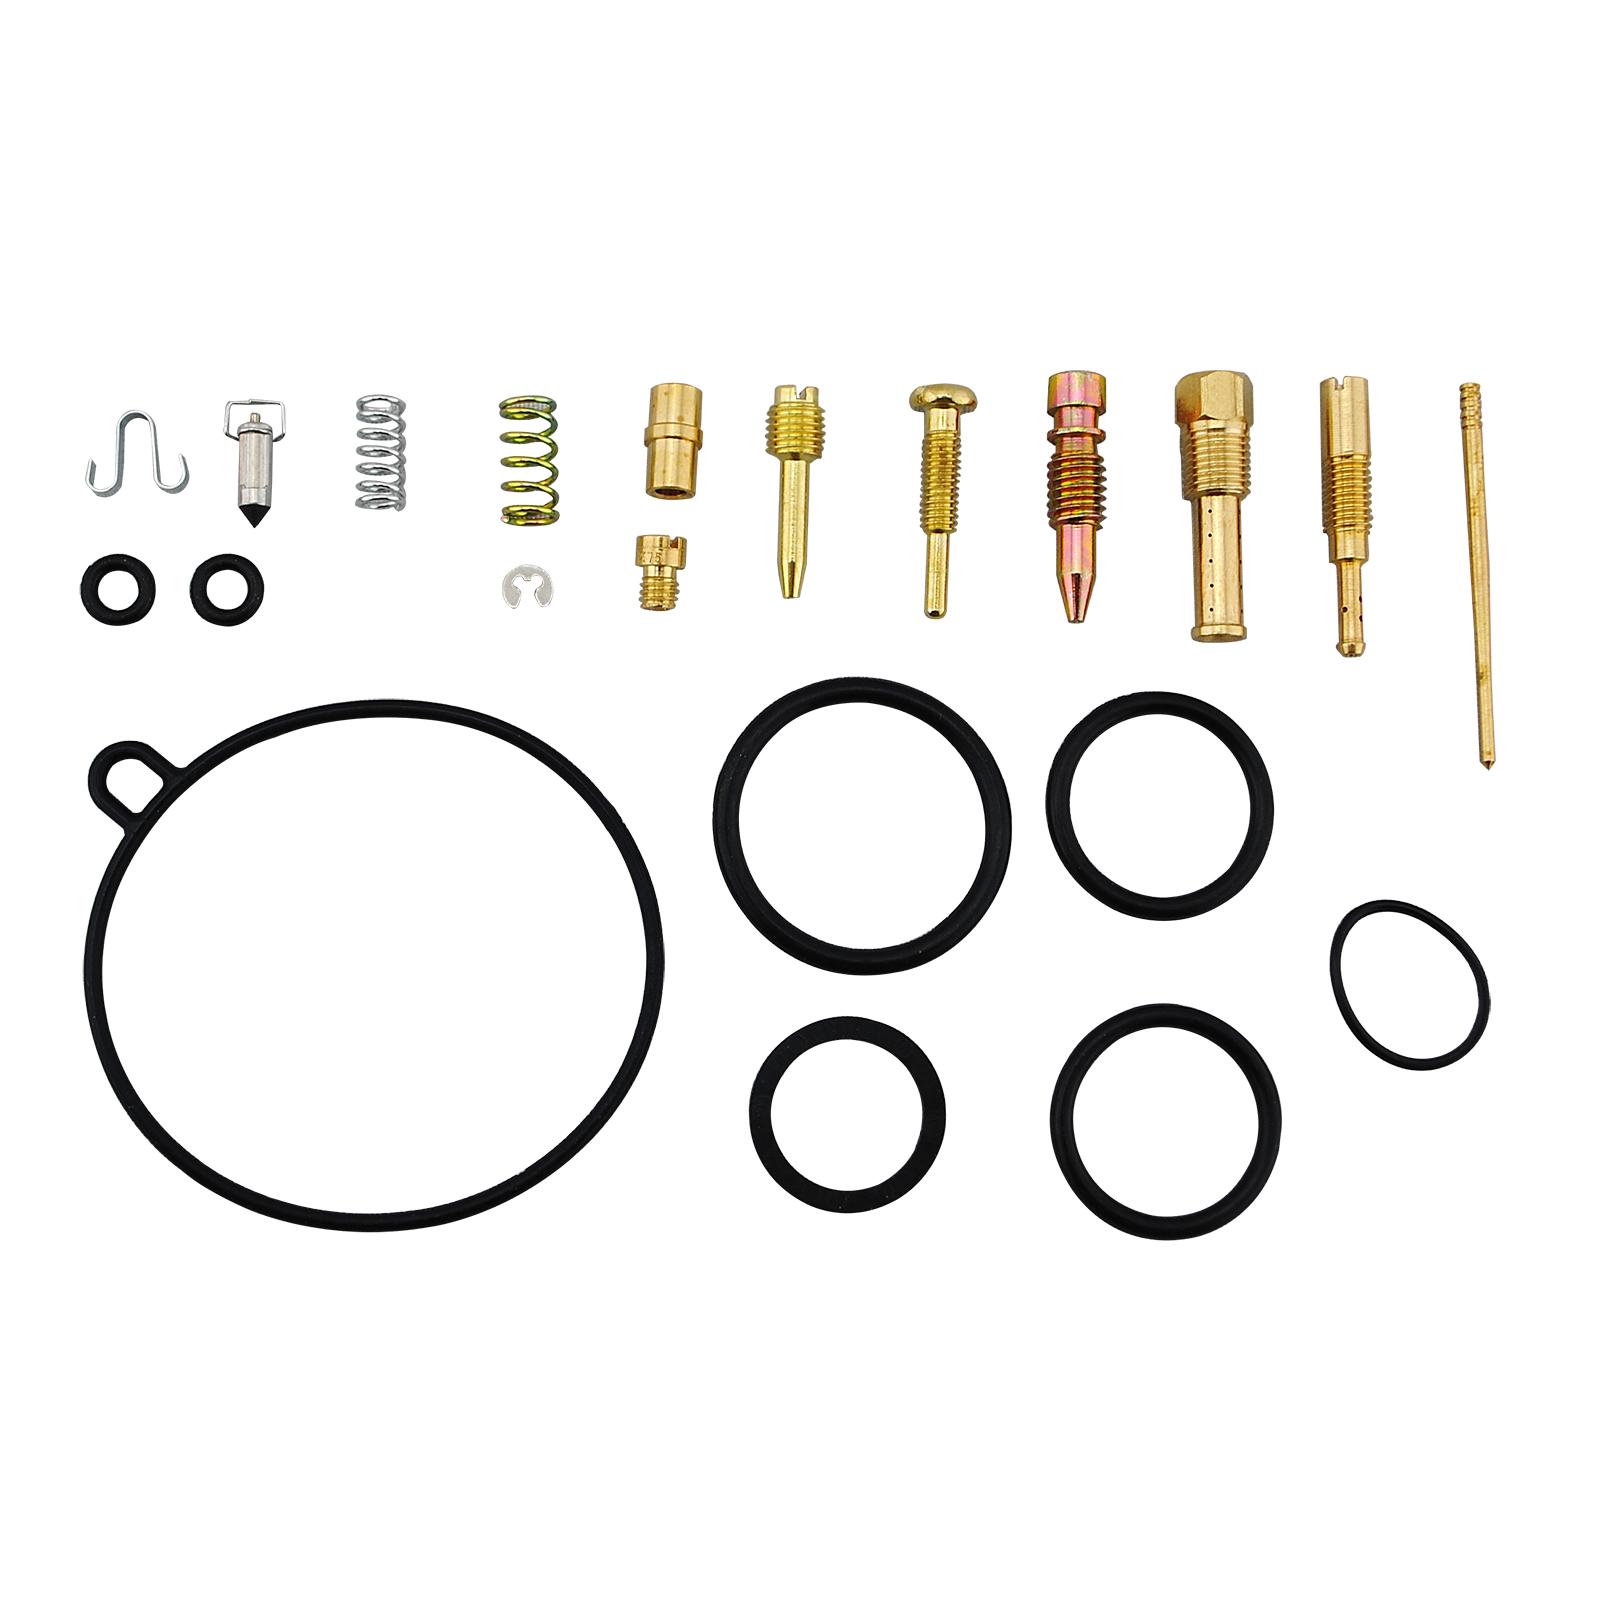 Fit For Honda CT110 Postie Bike Carby Repair Kit